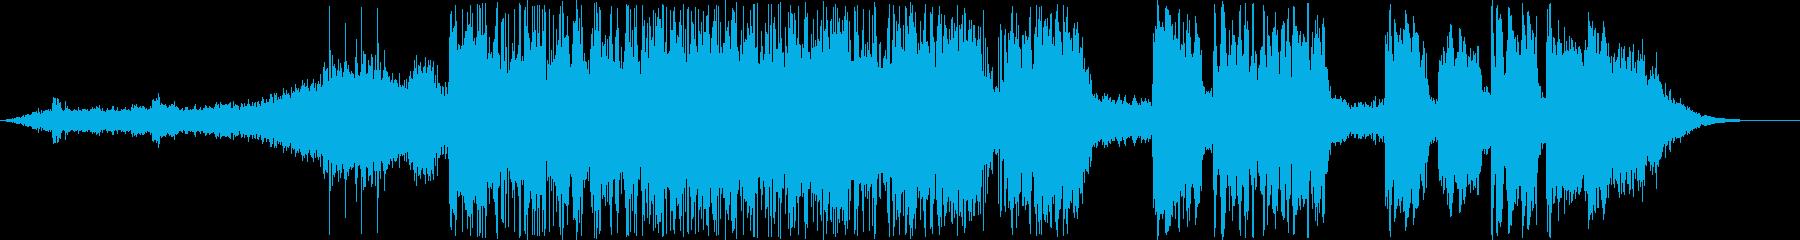 ティンパニの雄牛の再生済みの波形